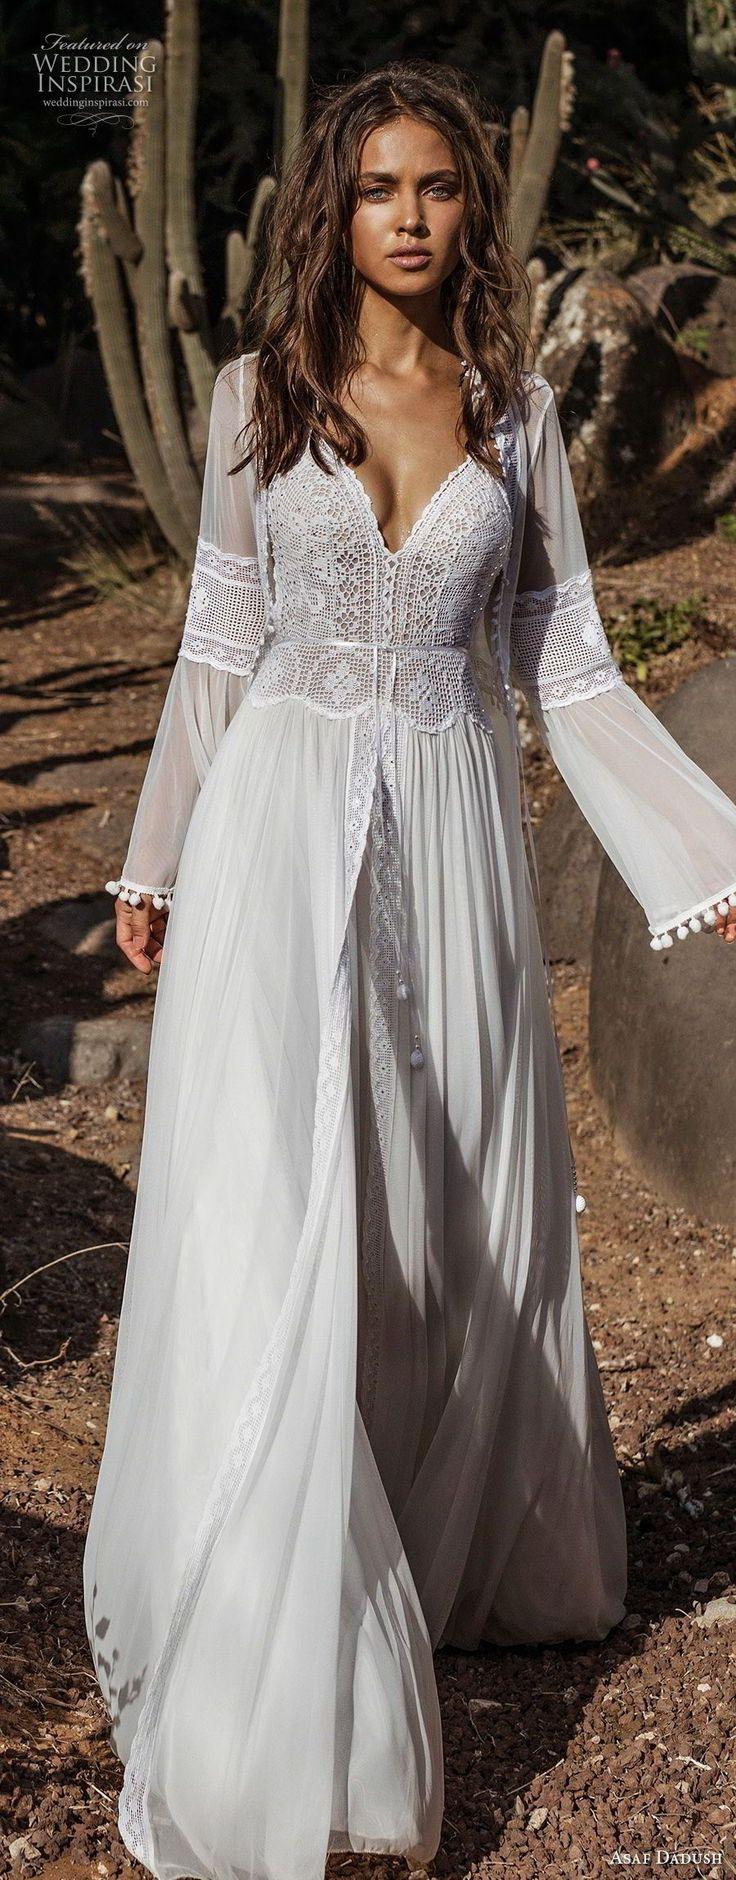 best wedding dresses off the shoulder images on pinterest